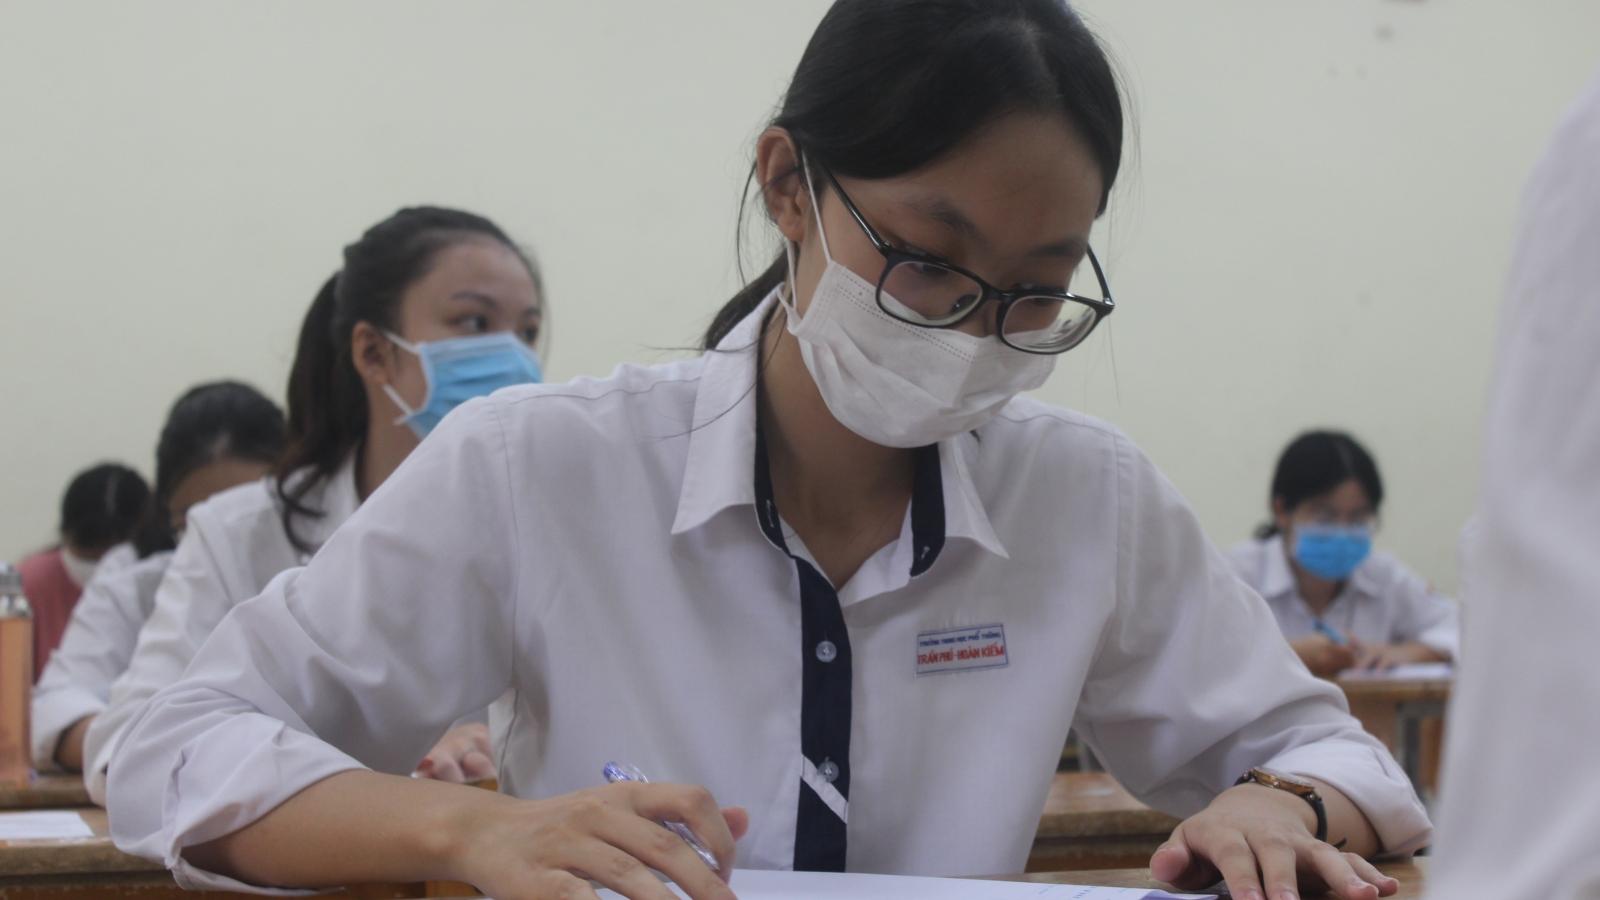 Dịch Covid-19: Học sinh mặc đồng phục, thi học kỳ trực tuyến tại nhà